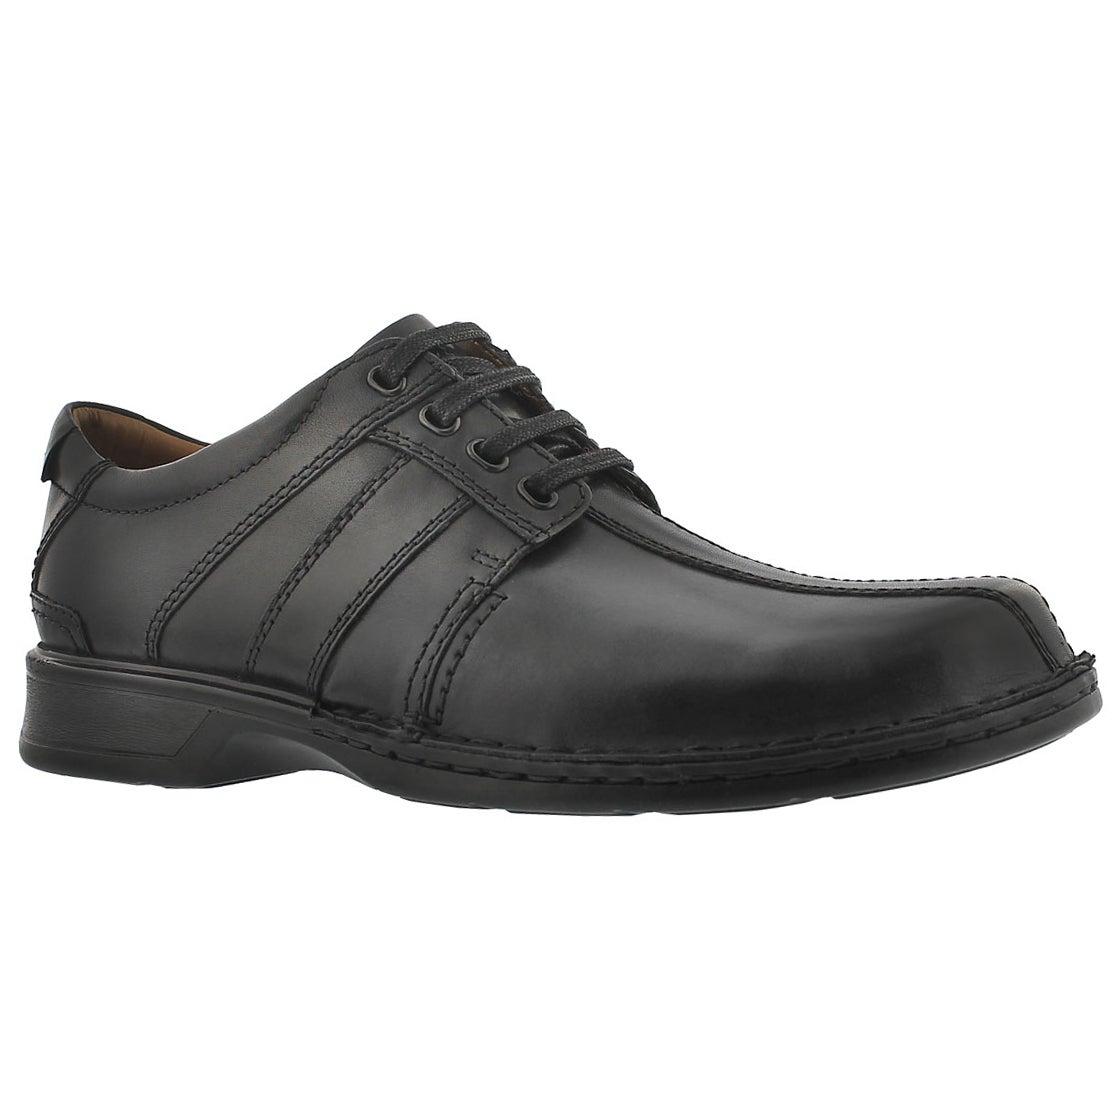 Men's TOUAREG VIBE black lace up dress shoes